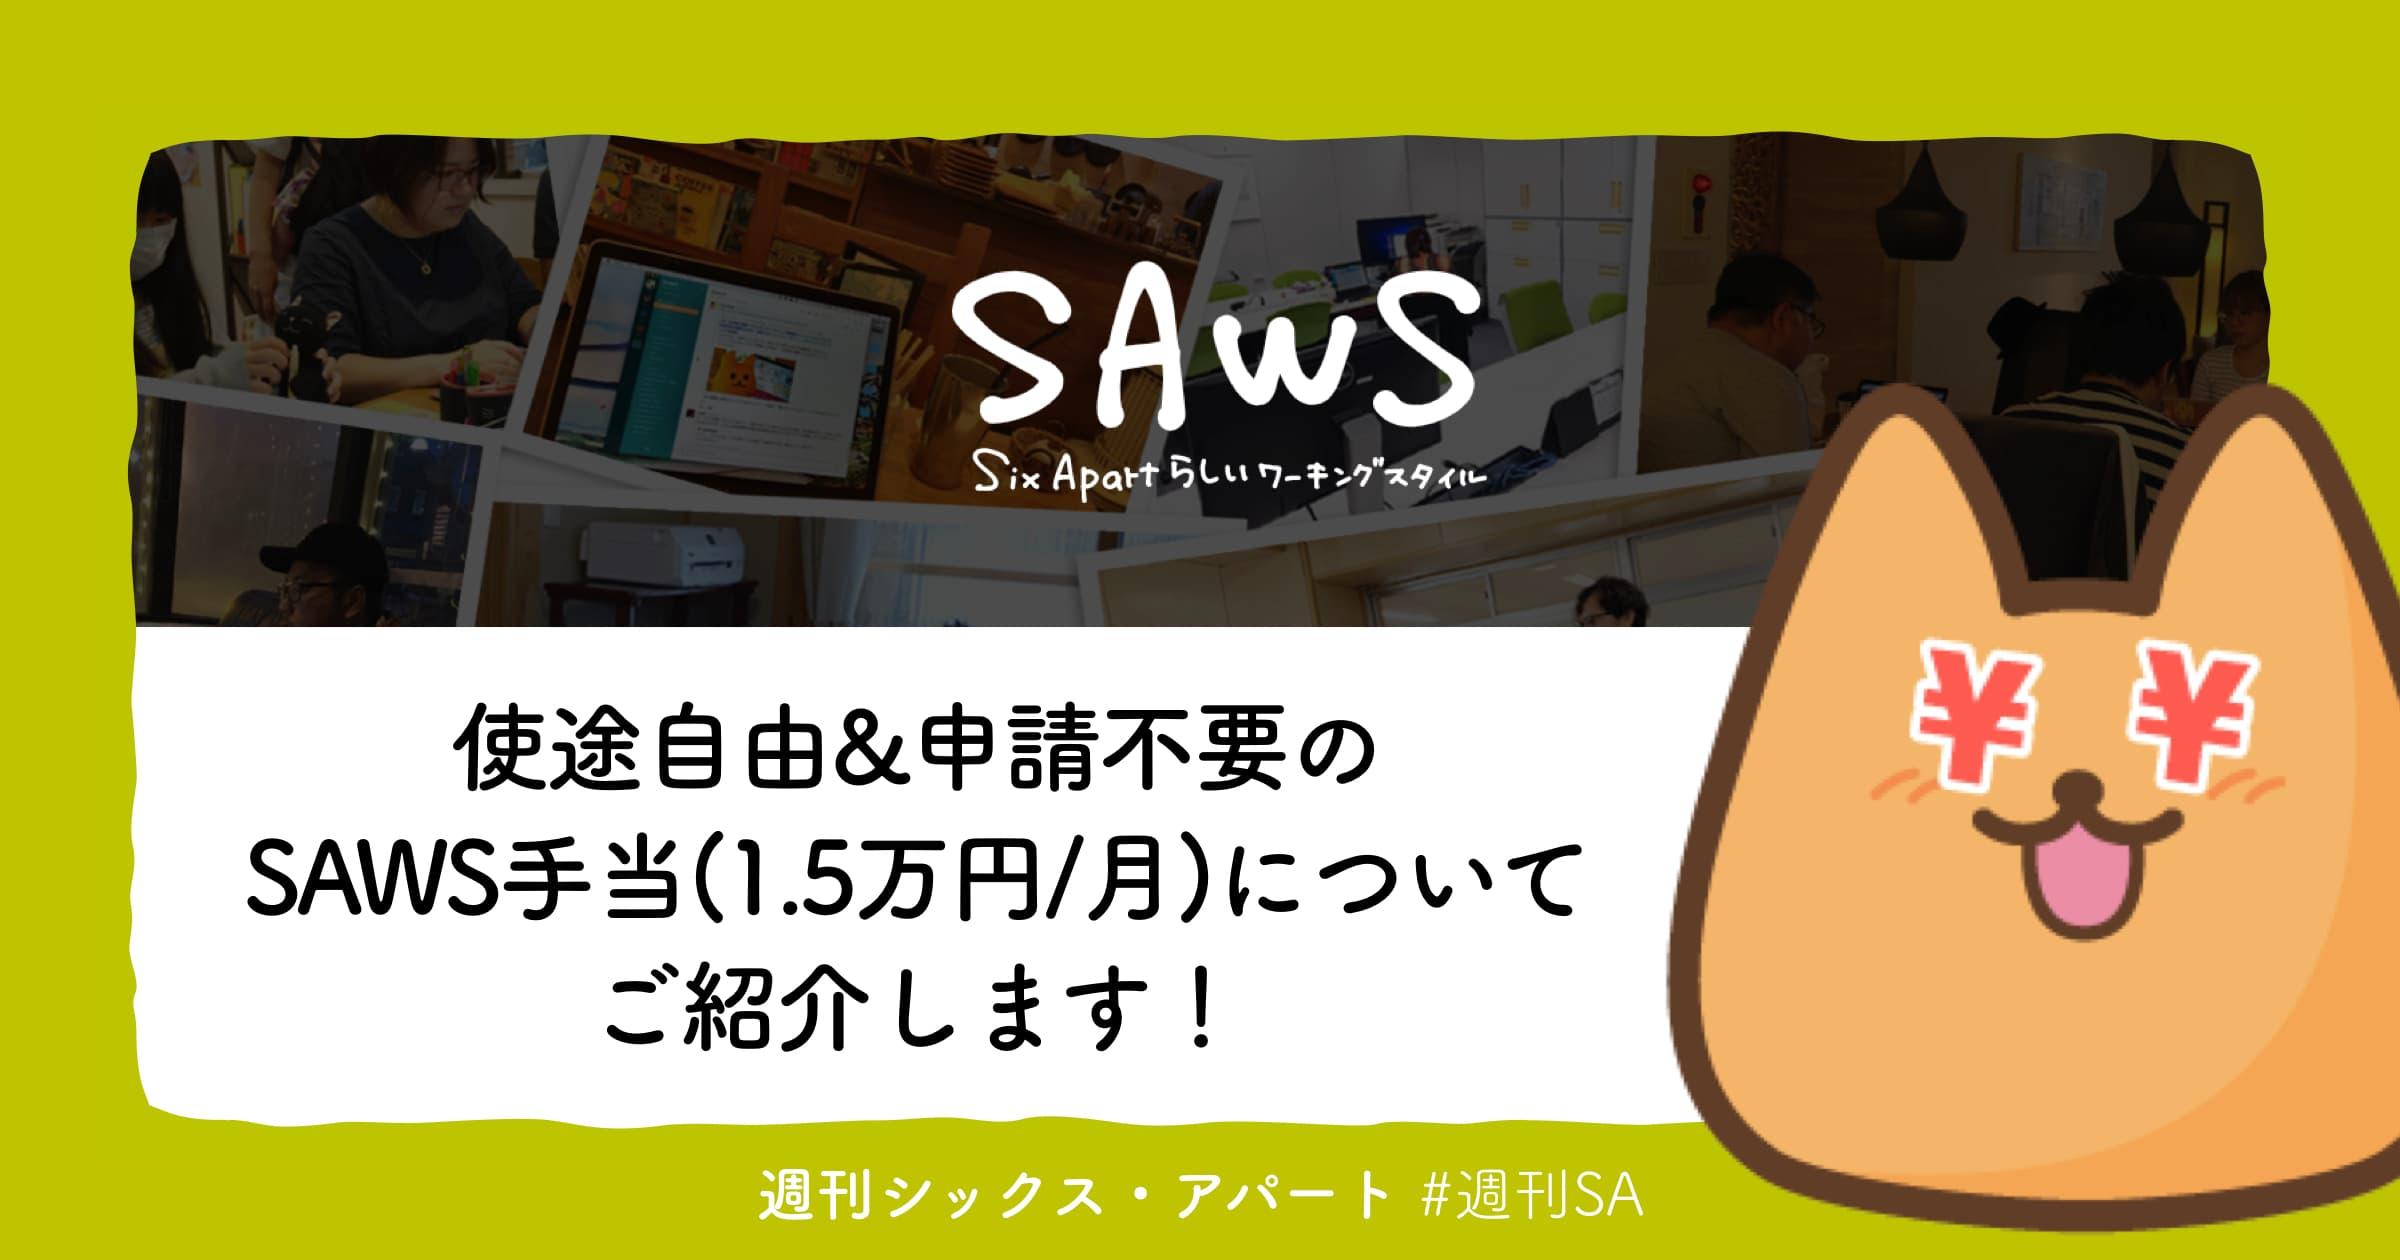 saws_allowance.jpg